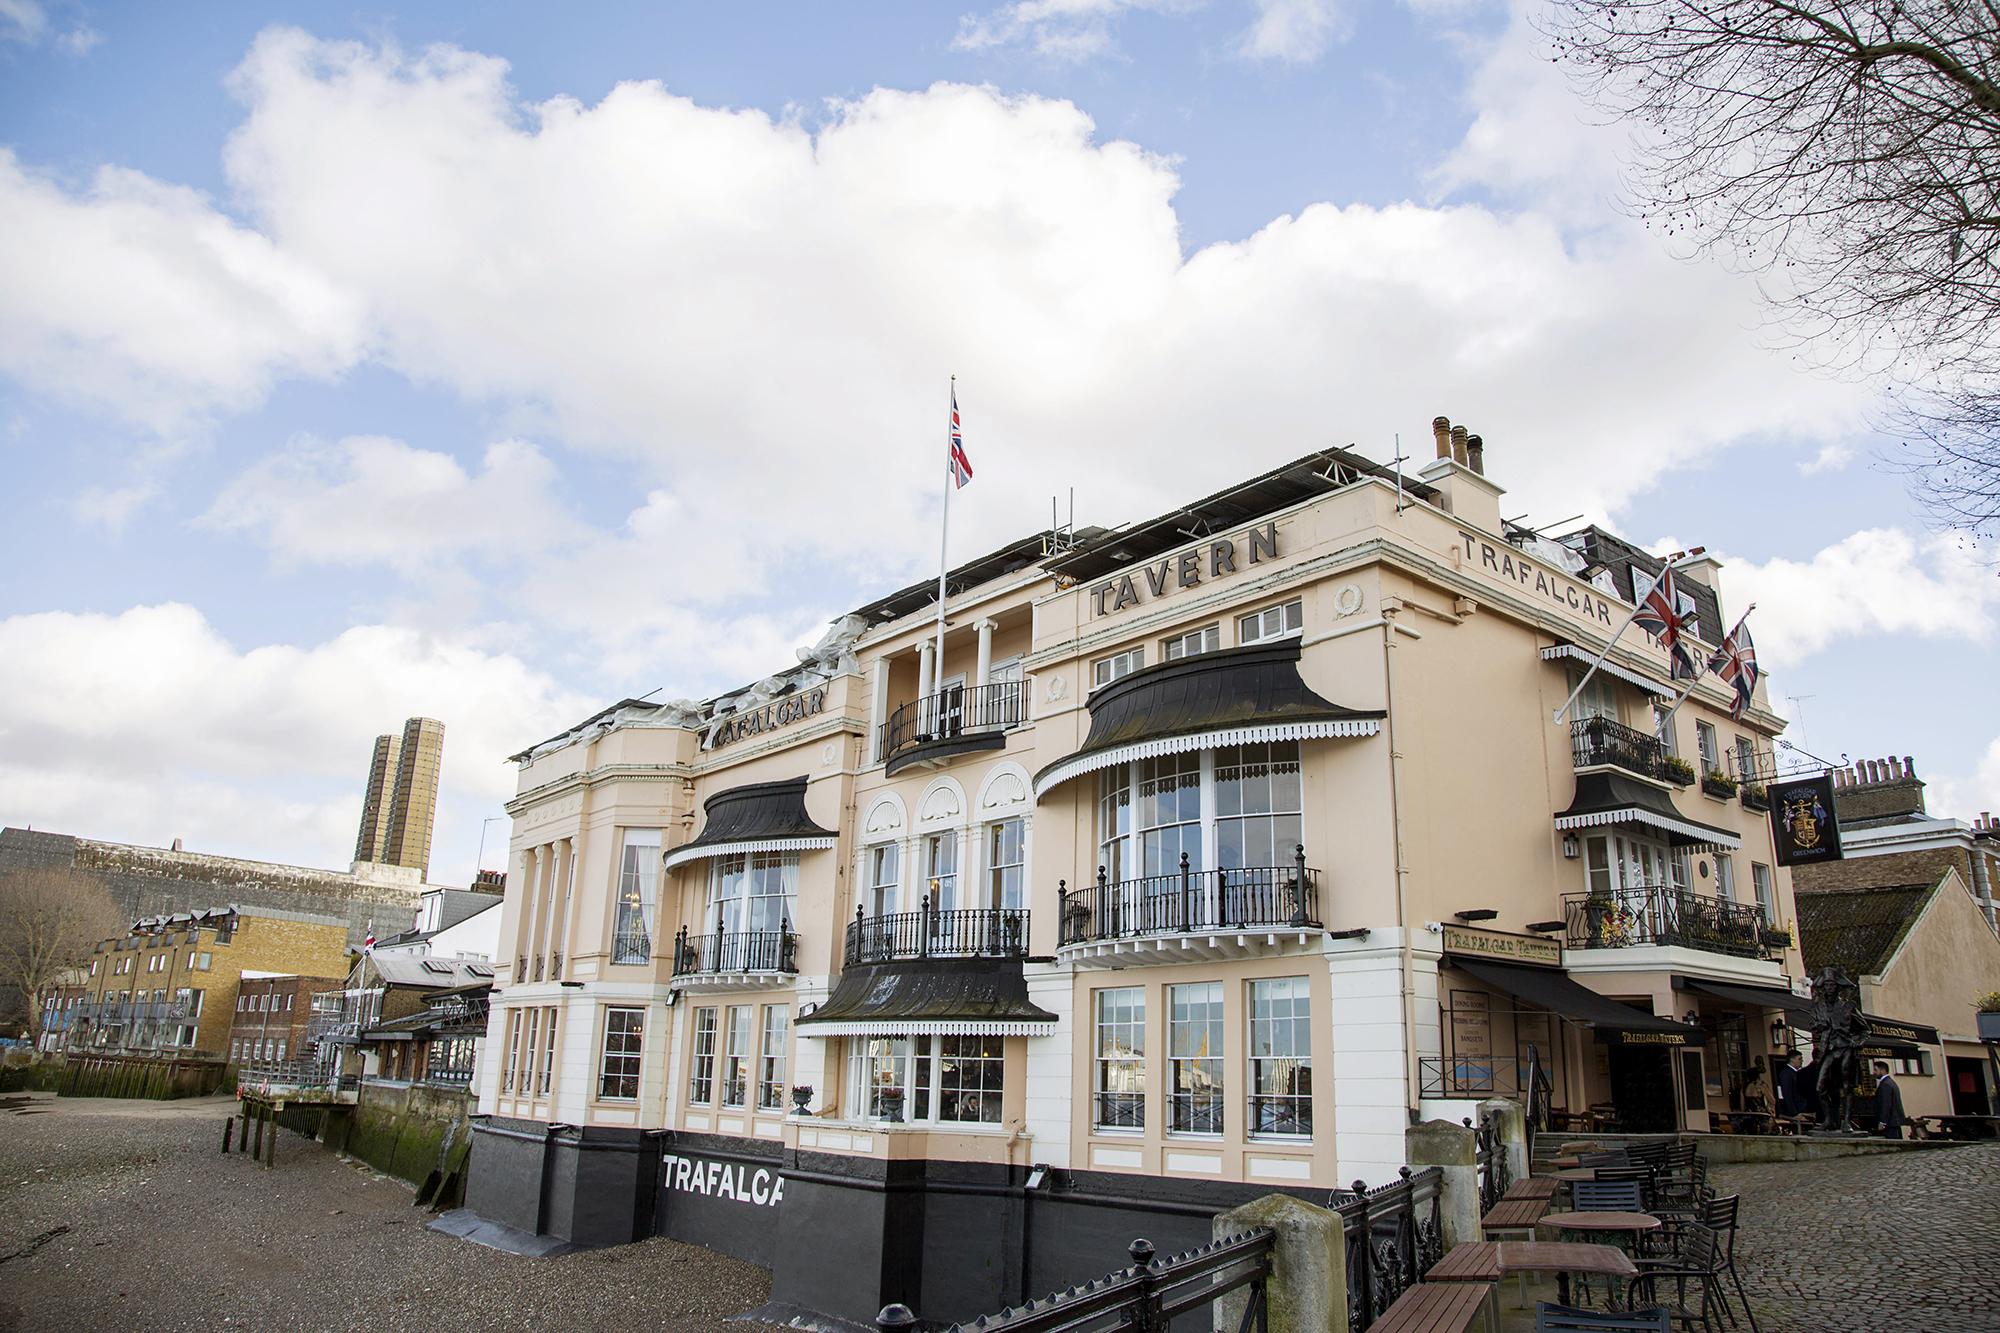 Trafalgar-Tavern-Greenwich-Wedding-Charlott-King-Photography (62)